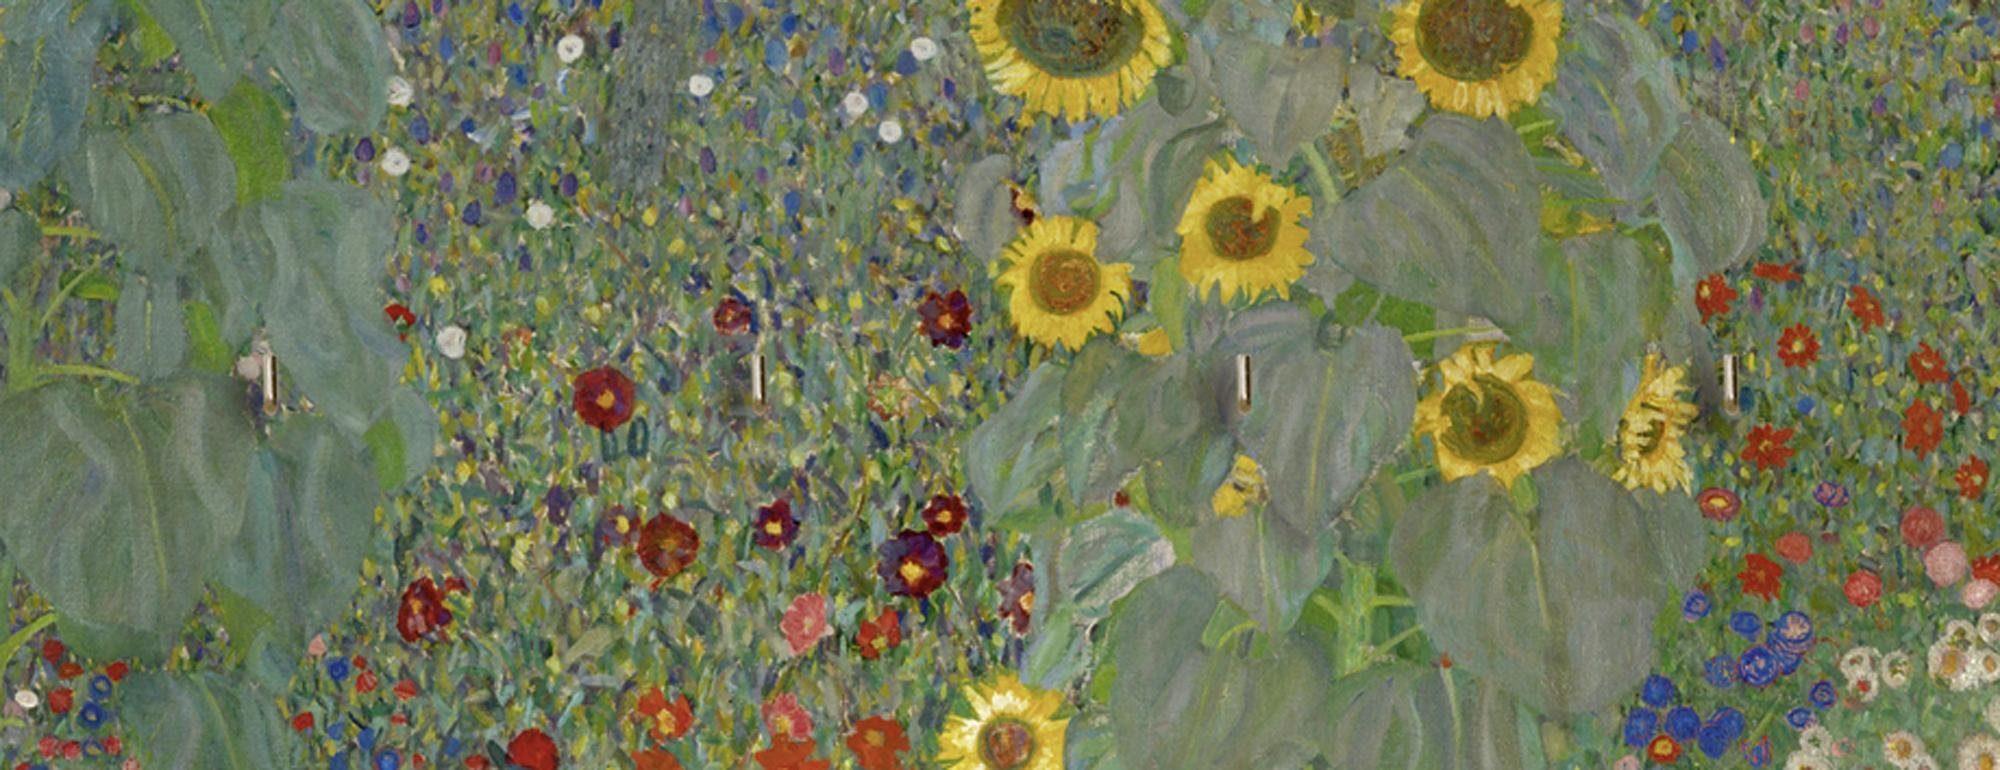 Home affaire Schlüsselbrett »Klimt, G.: Garten mit Sonnenblumen«, 40/14,8 cm